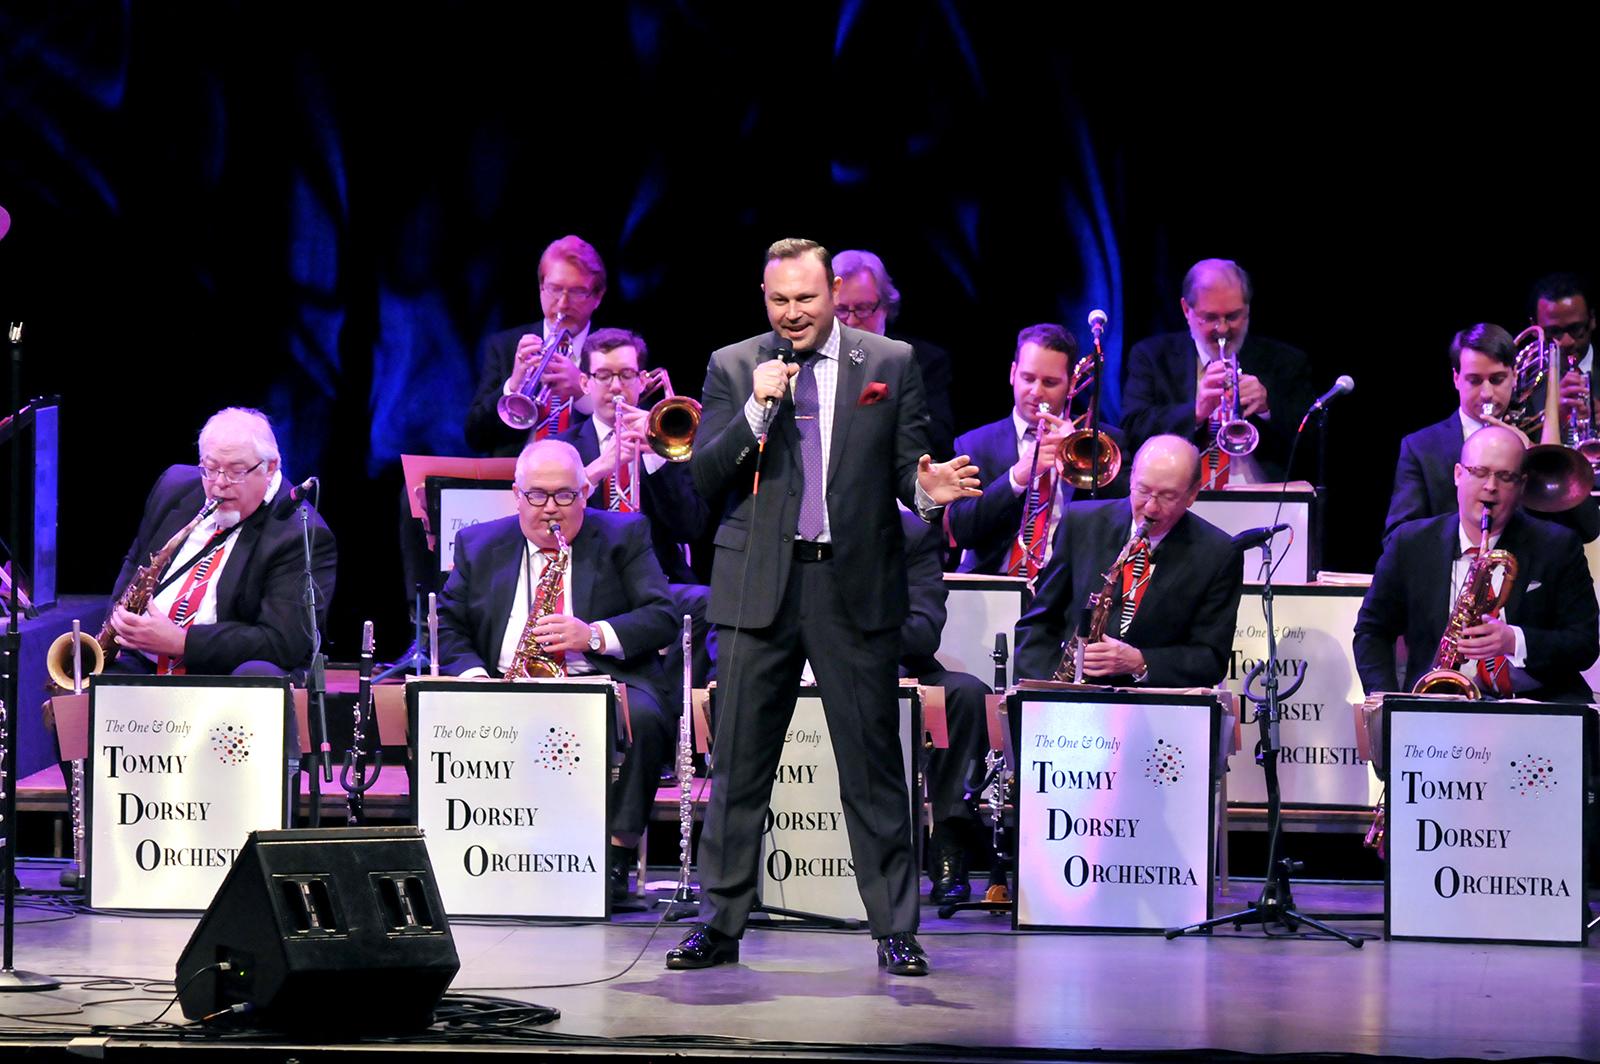 The tommy dorsey orchestra tribute to frank sinatra théâtre maisonneuve place des arts